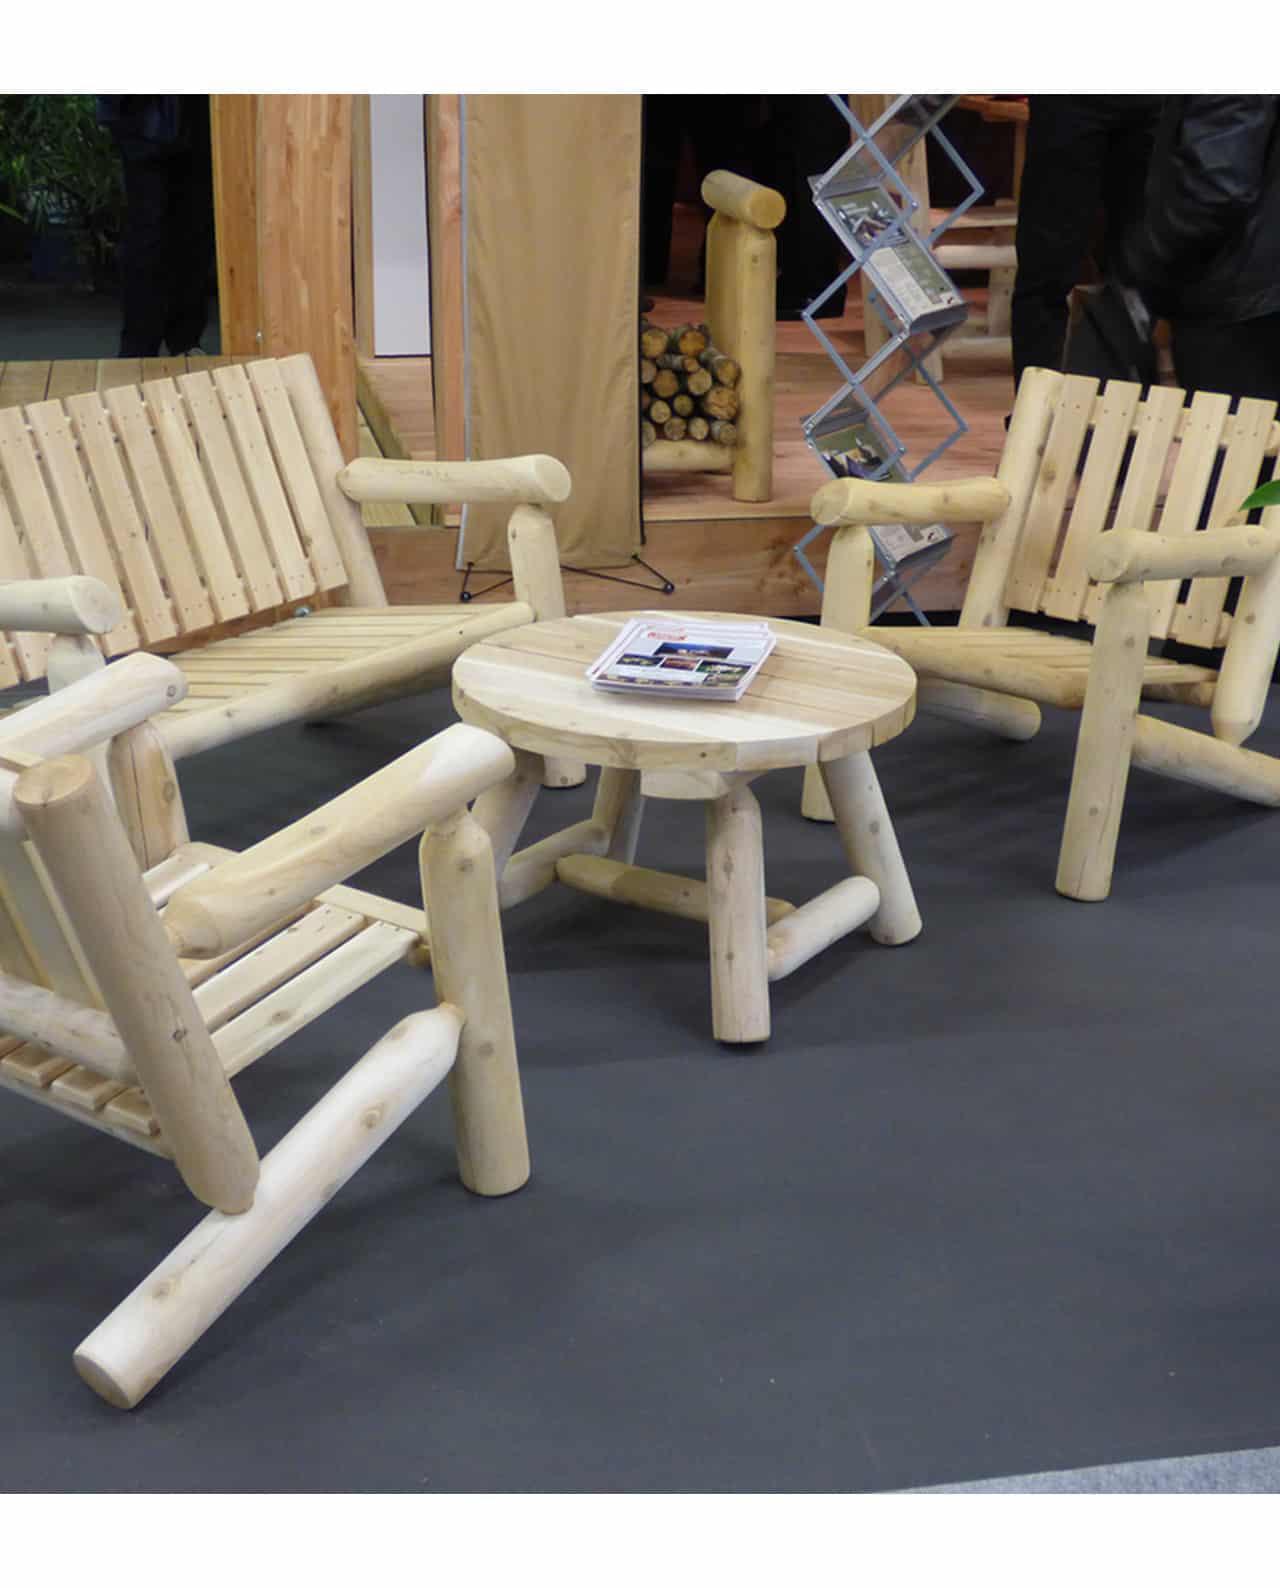 fauteuil et canap meuble de salon n 1 c dre et rondins. Black Bedroom Furniture Sets. Home Design Ideas